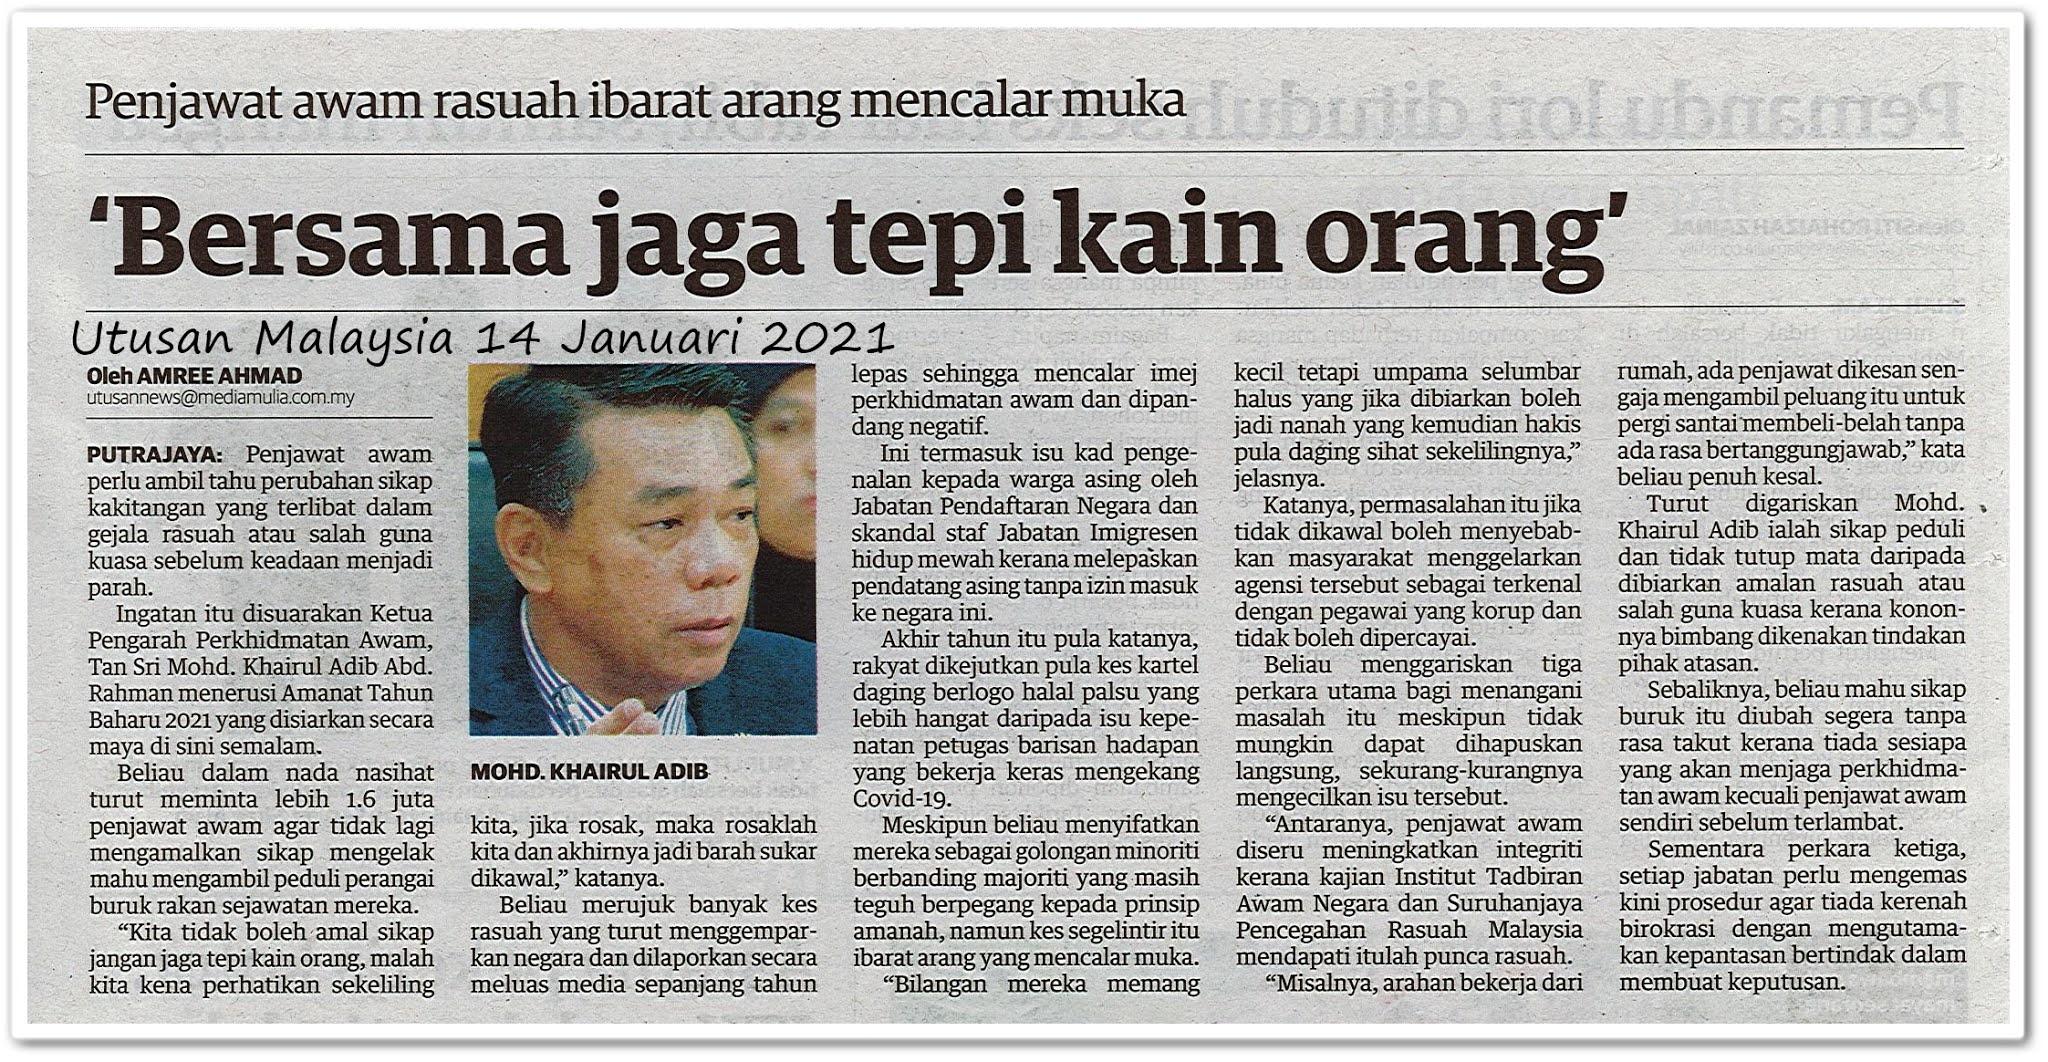 'Bersama jaga tepi kain orang' - Keratan akhbar Utusan Malaysia 14 Januari 2021